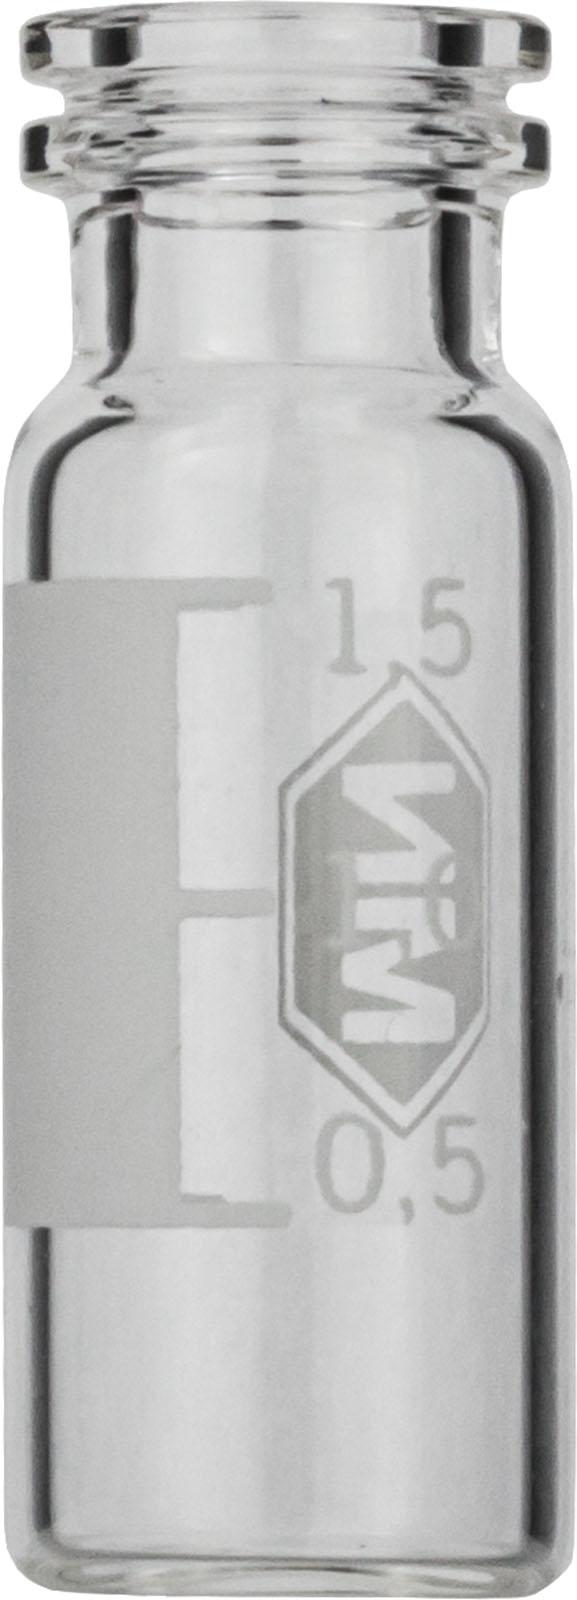 Vial N11-1.5, SR, k, 11,6x32, flach, SF